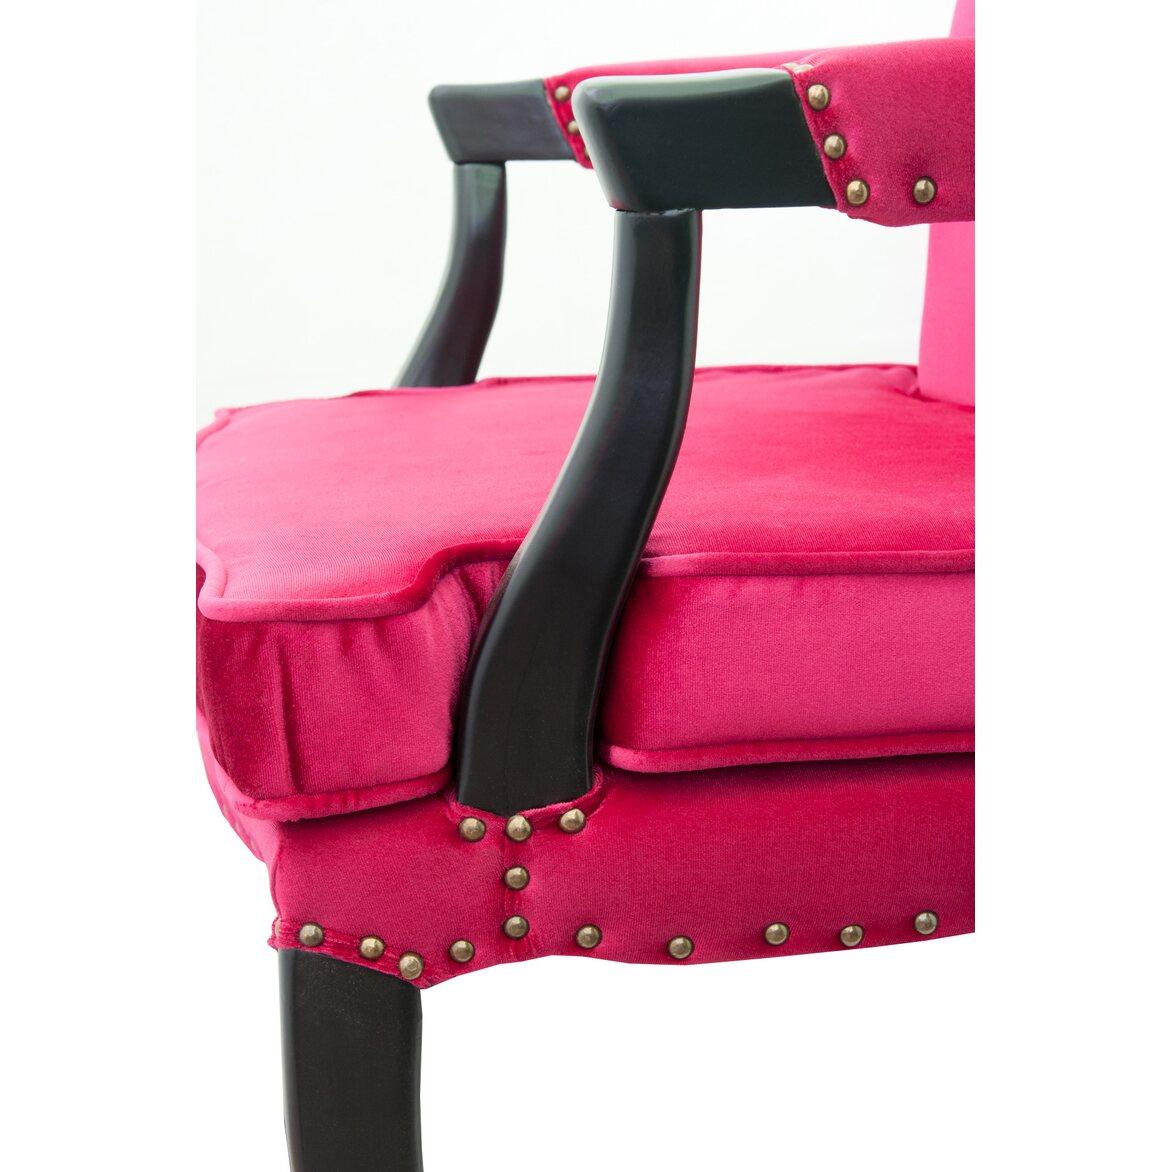 Кресло Anver rose 5 | Кресло-стул Kingsby